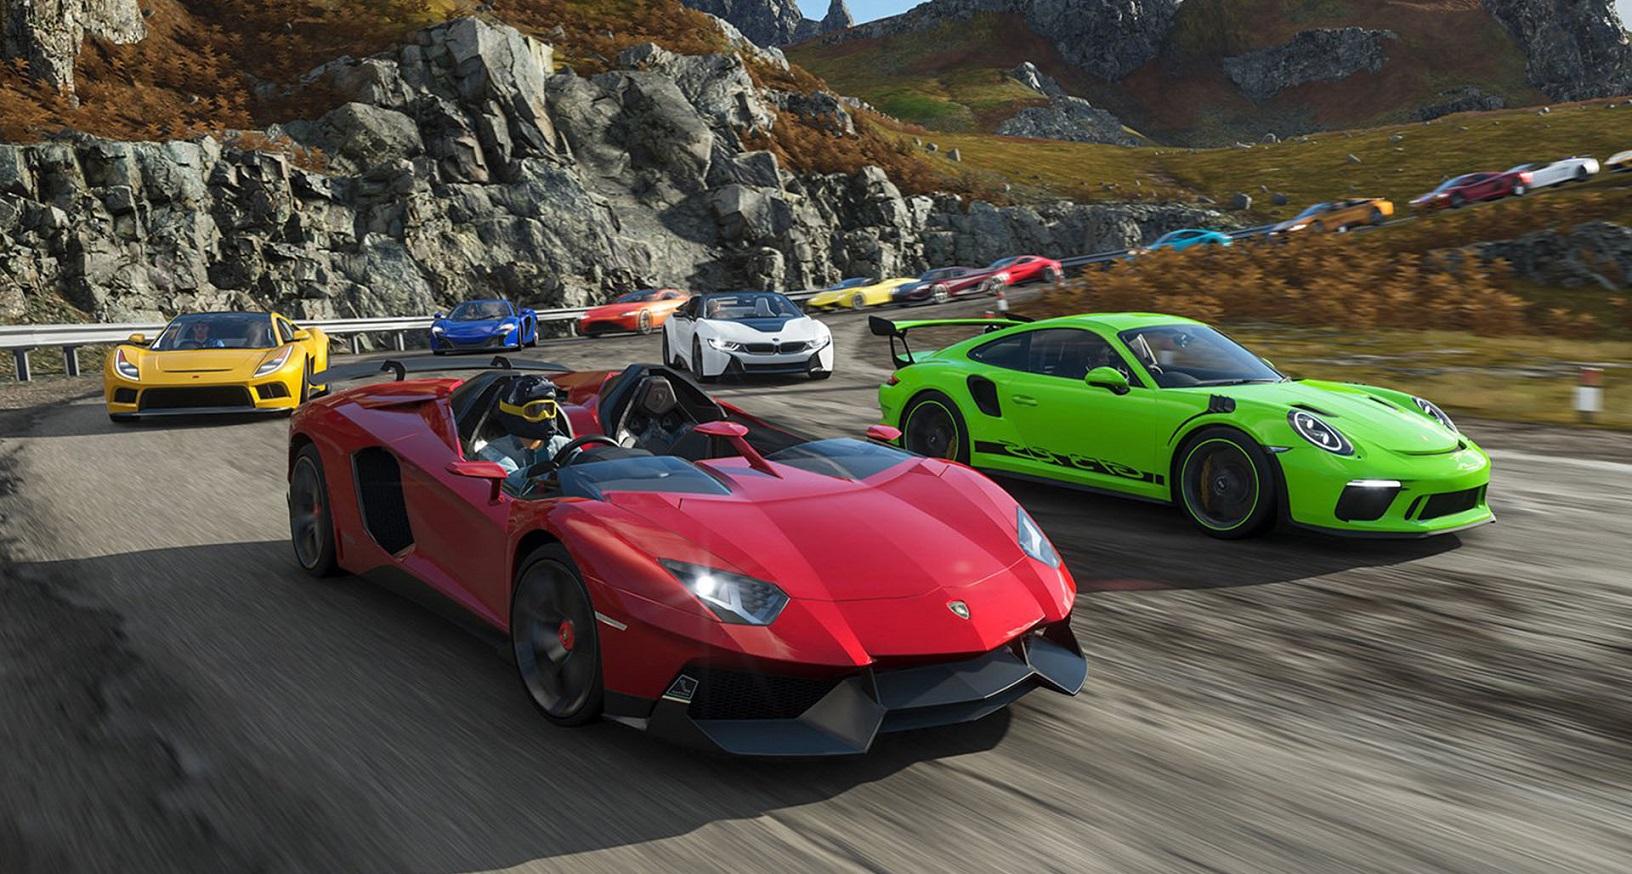 Forza Horizon 8 - Das Rennspiel wird nur auf der Xbox Series X verfügbar sein